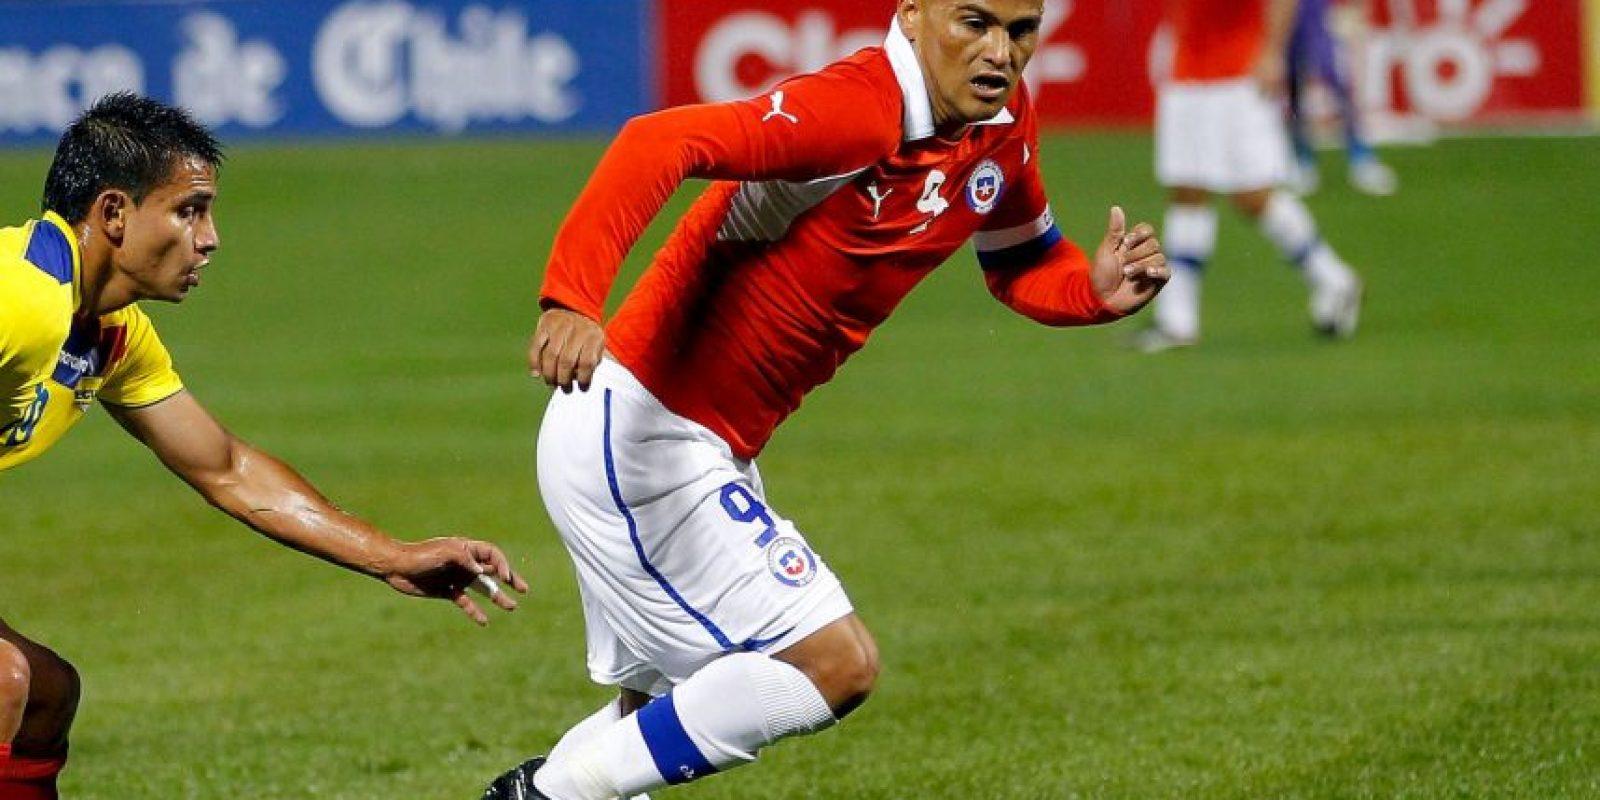 Su último club fue Colo Colo Foto:Getty Images